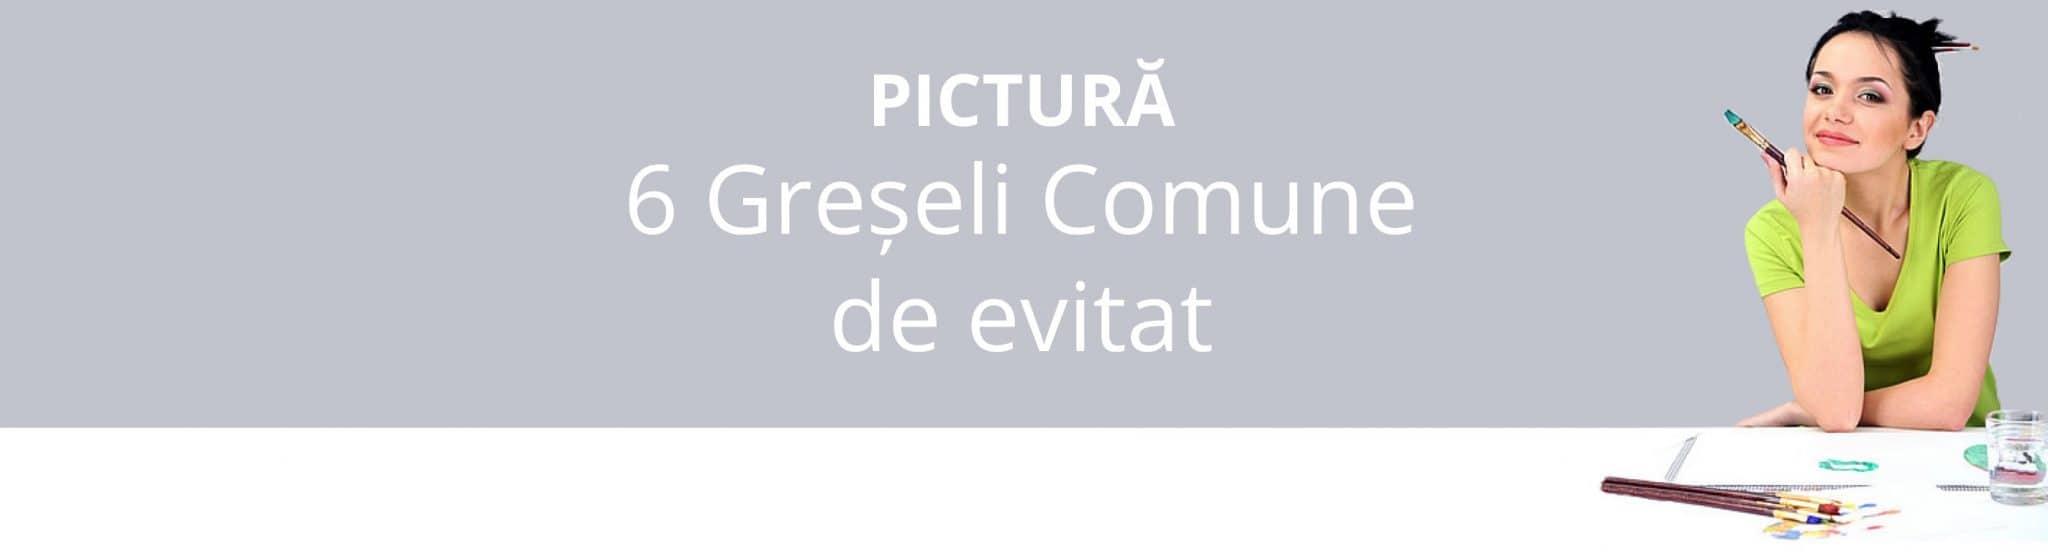 6 greseli in pictură | 7culori.com